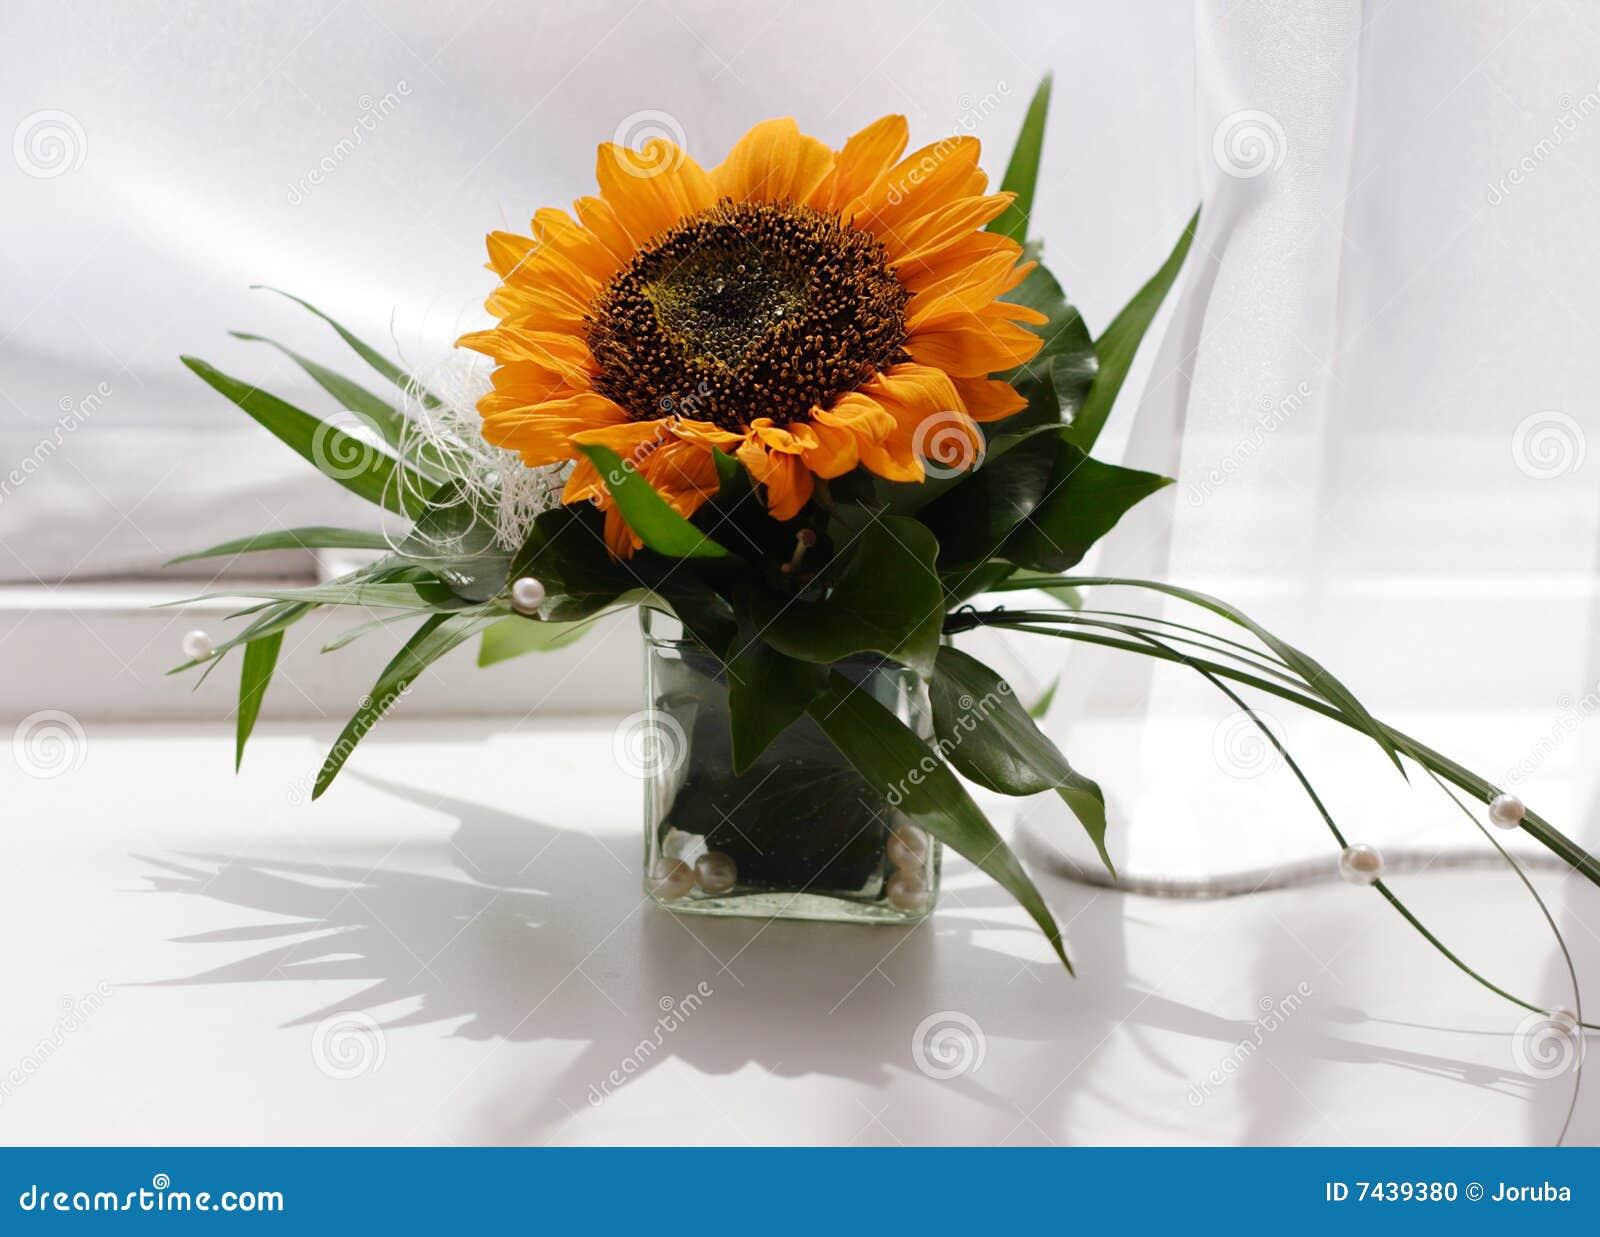 Tournesol de bouquet photo stock image 7439380 - Bouquet de tournesol ...